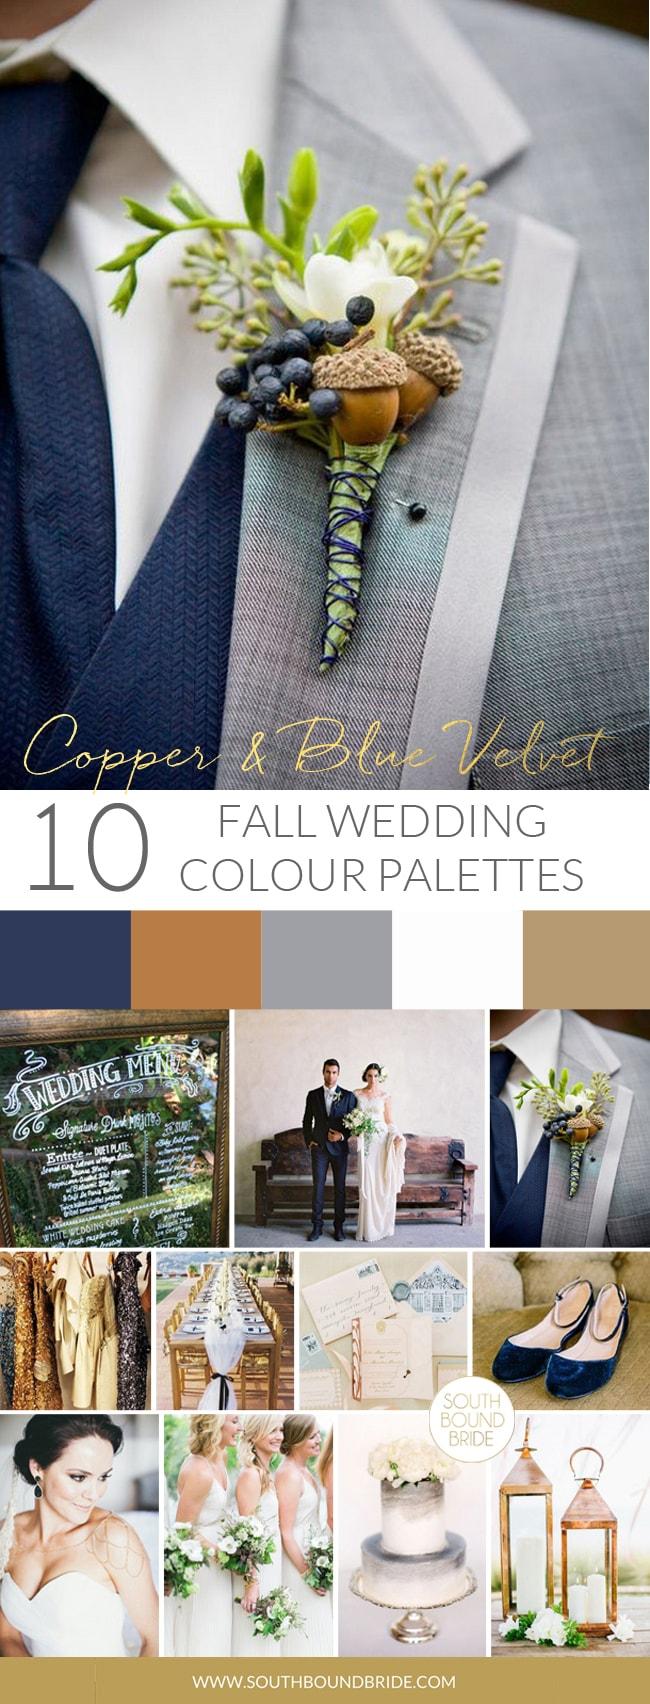 Copper & Blue Velvet Fall Wedding Palette | SouthBound Bride